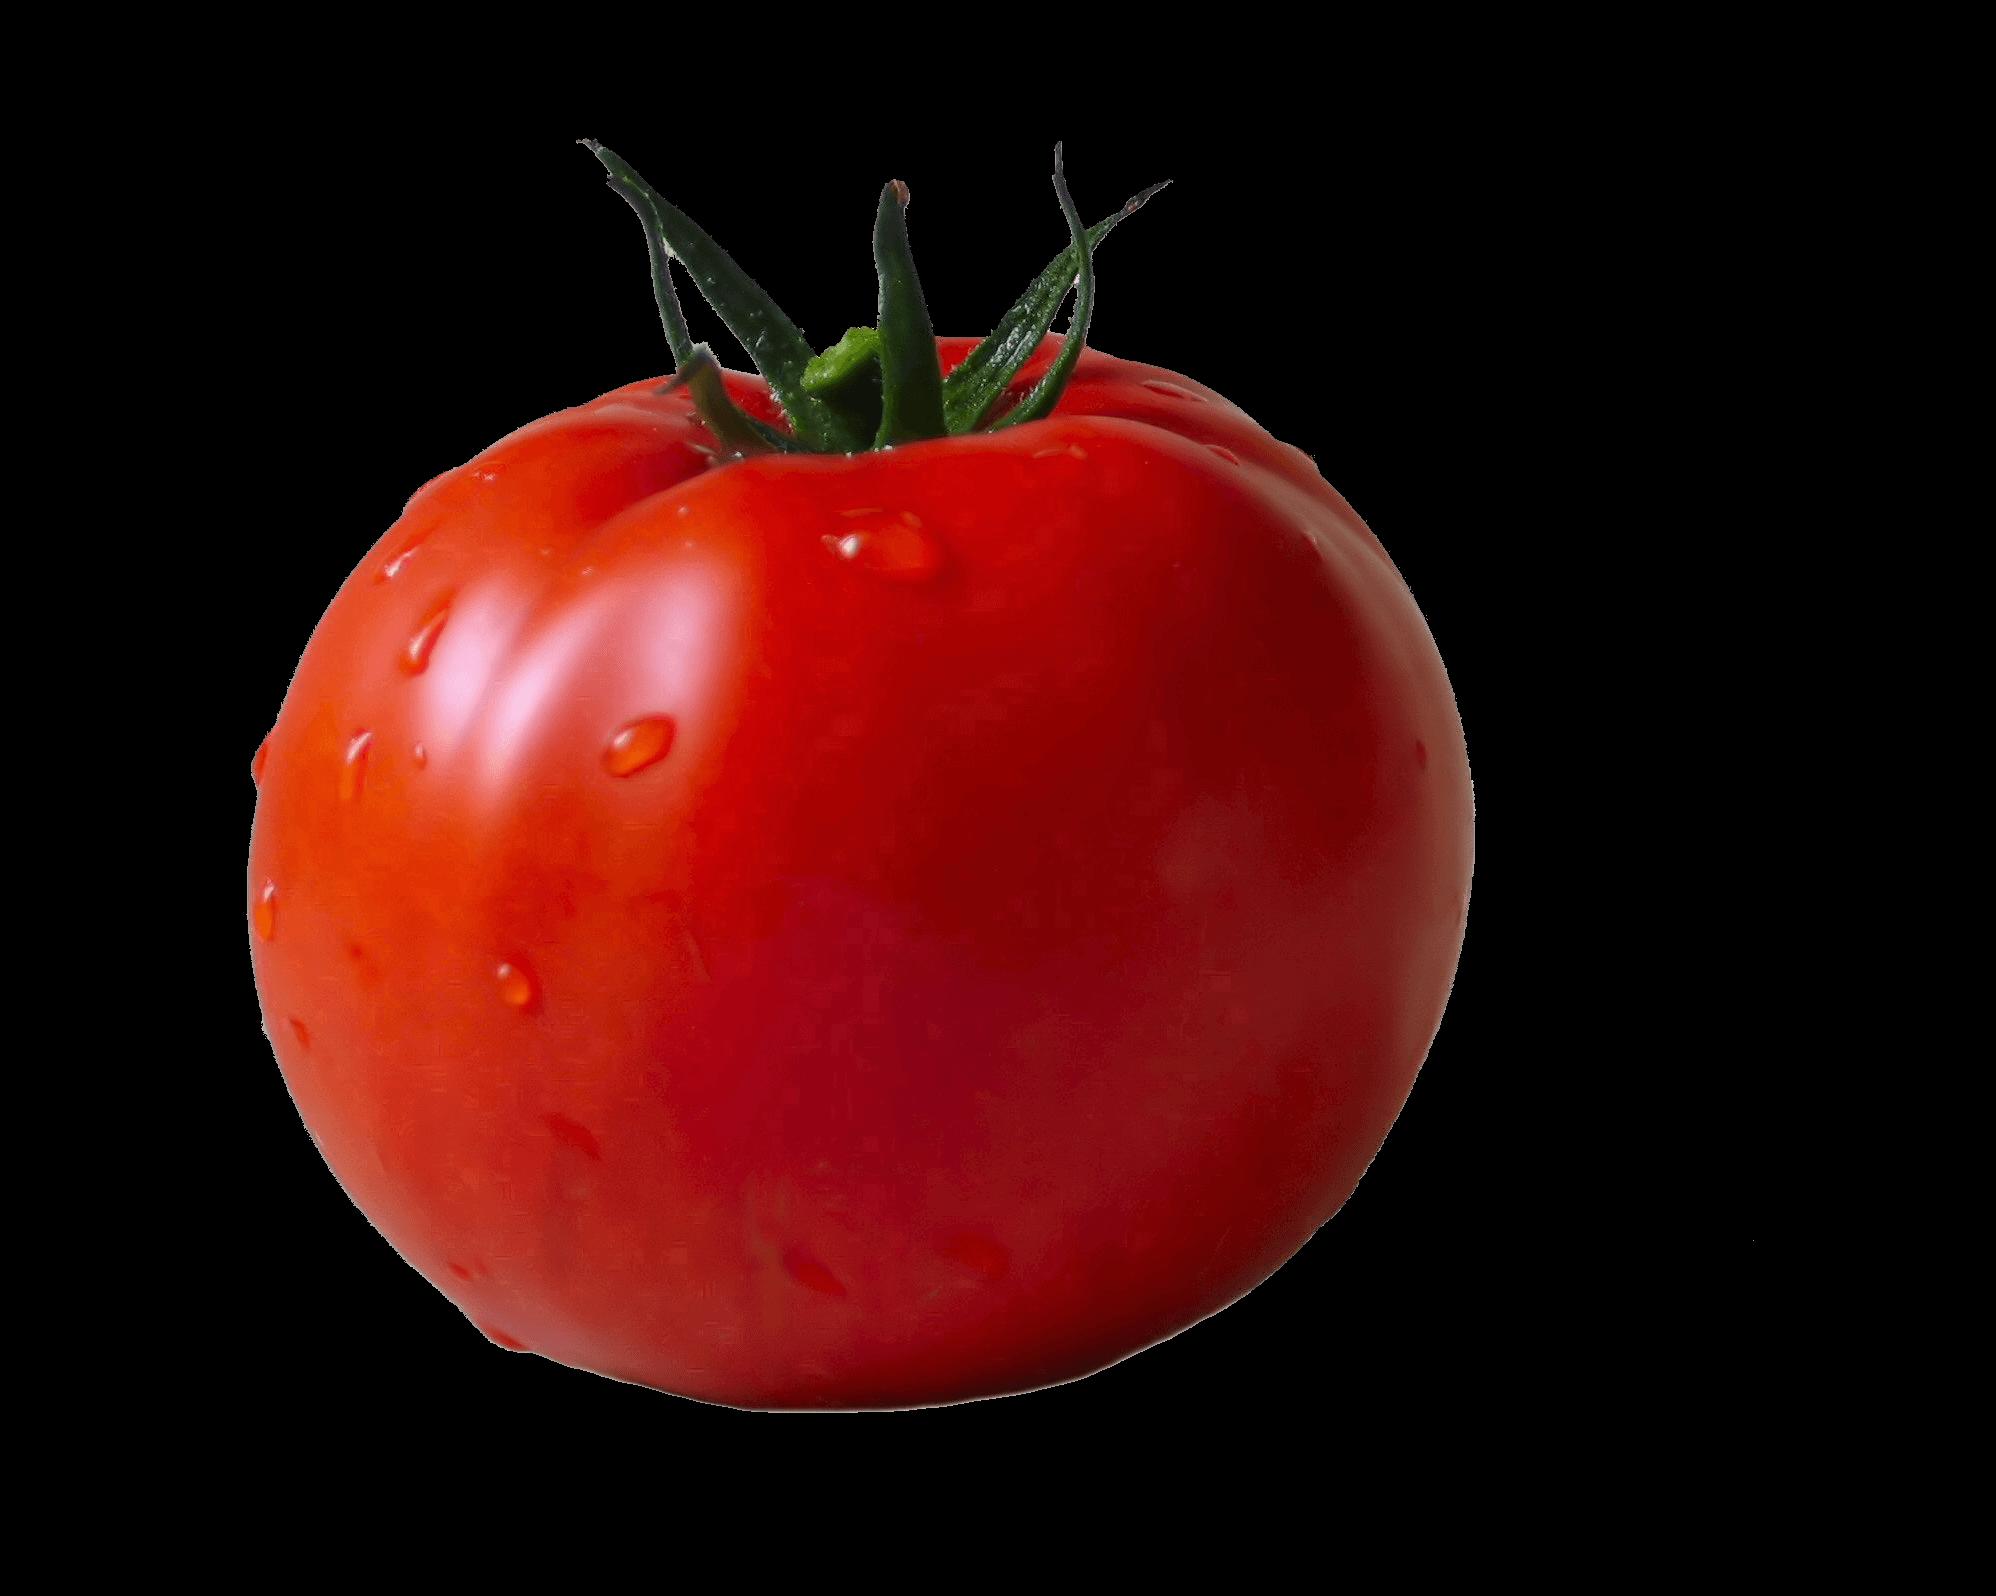 помидорка=)